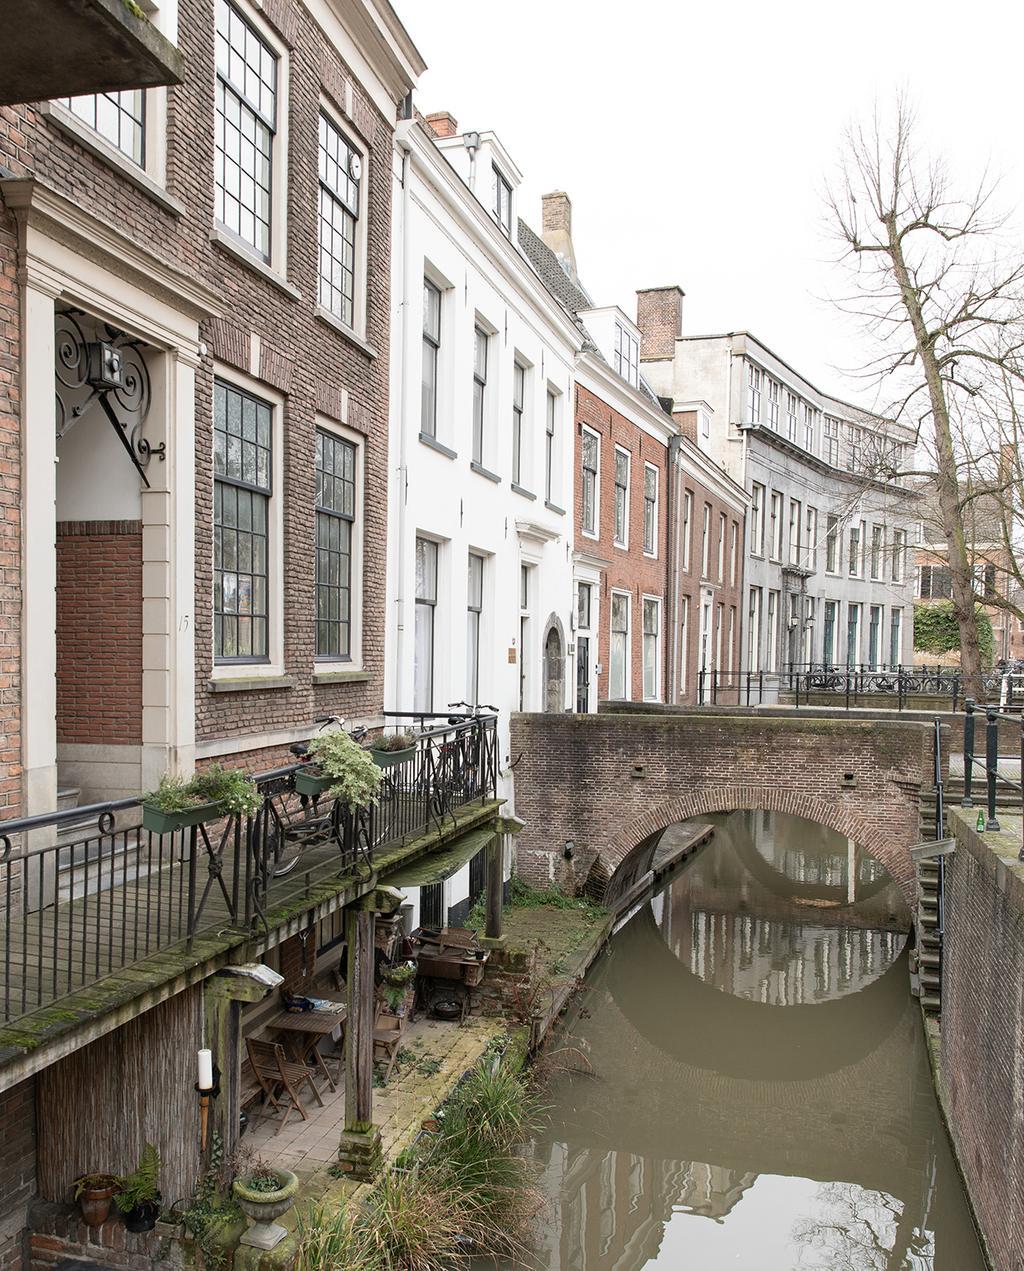 vtwonen 04-2020 | Utrecht gracht